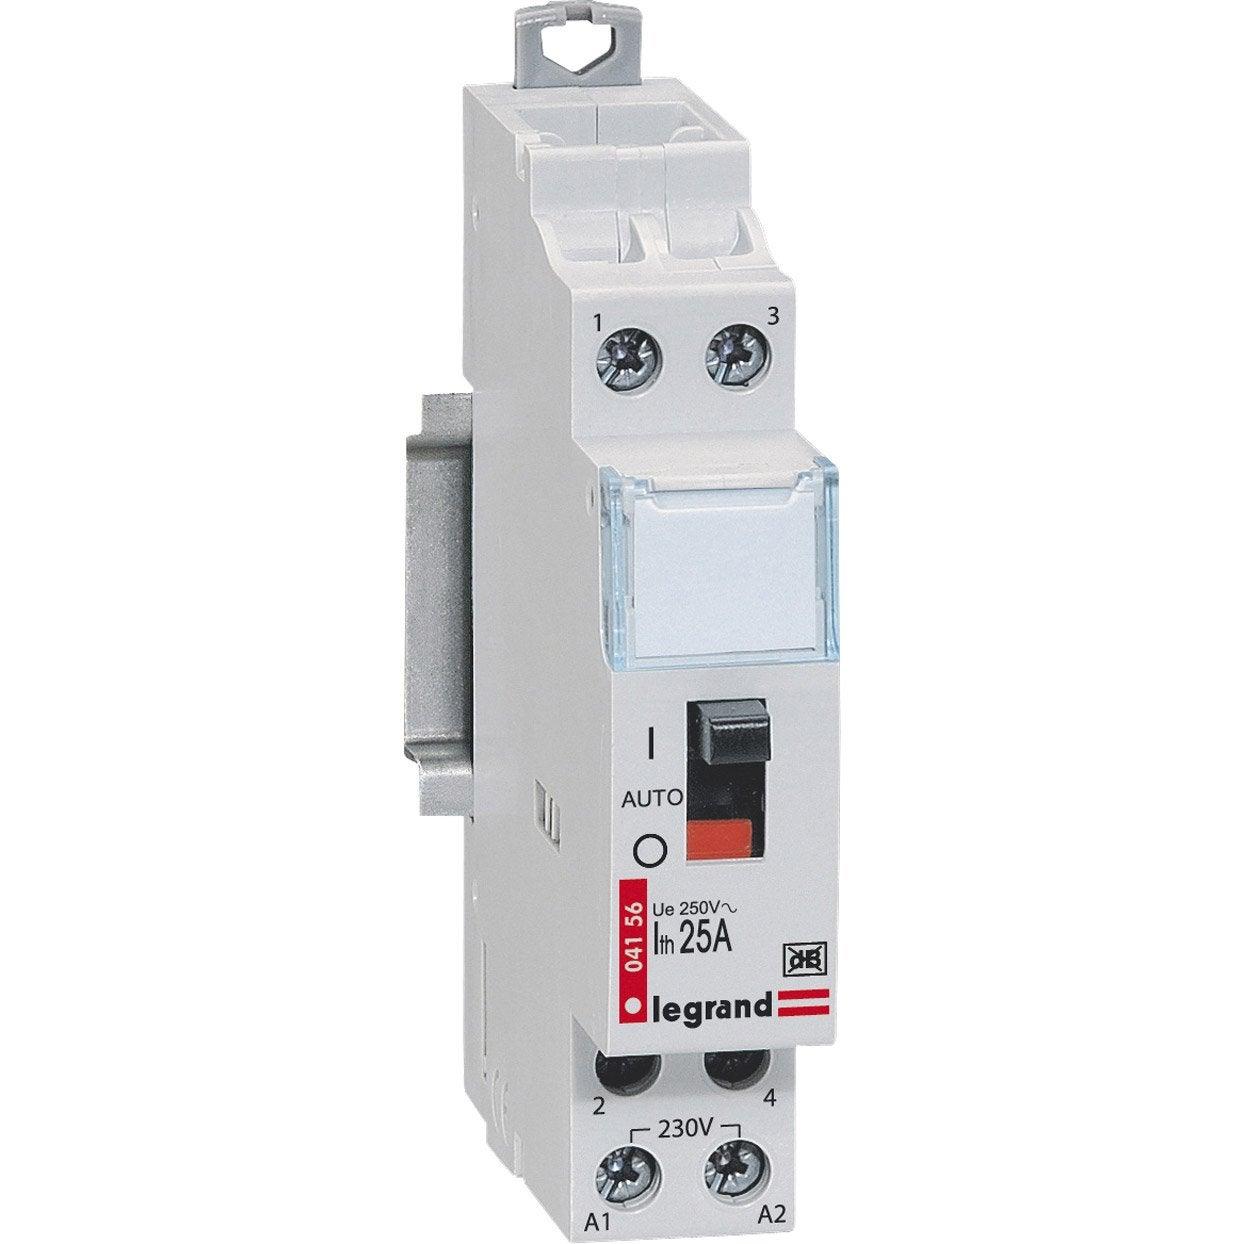 Contacteur legrand 230 v 25 a leroy merlin - Transformateur 220v 12v leroy merlin ...